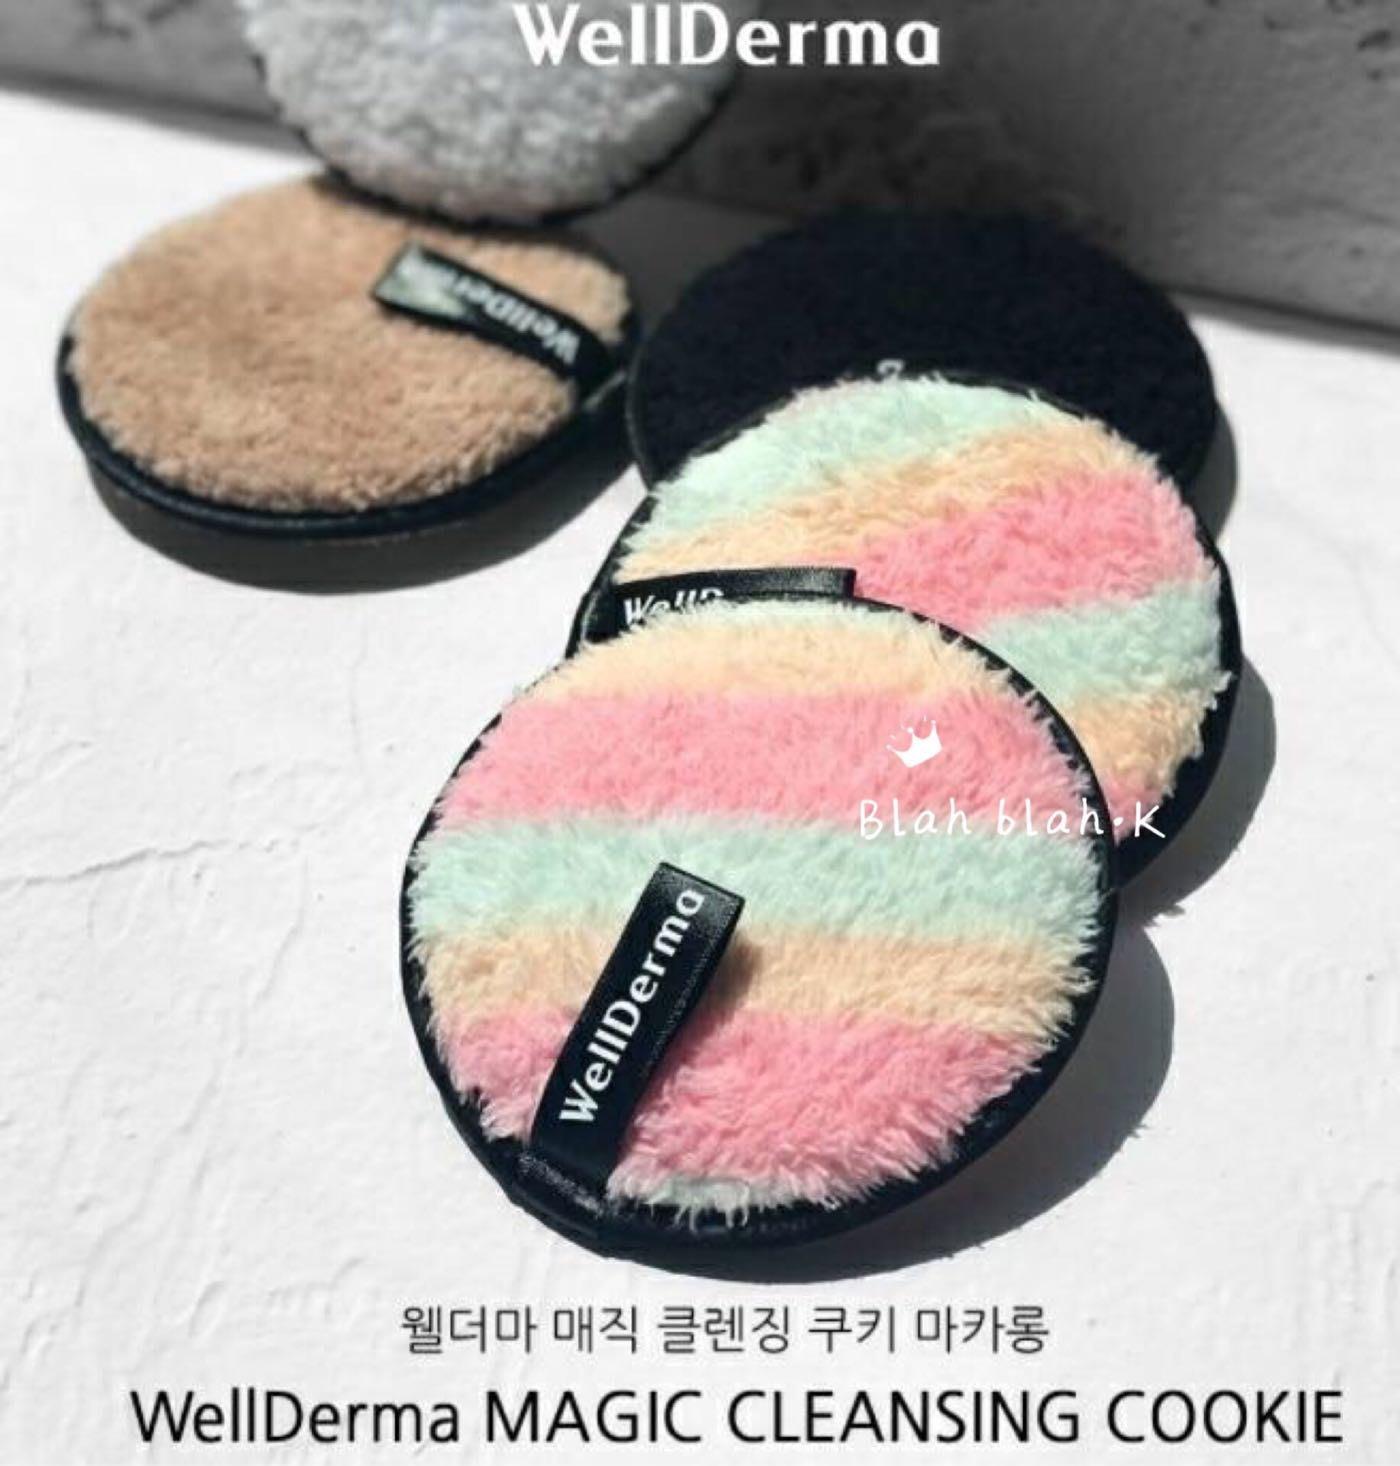 韓國 WellDerma 夢蝸 鍺元素 魔法卸妝餅 馬卡龍卸妝粉撲 彩虹 卸妝粉撲 單入 韓國空運